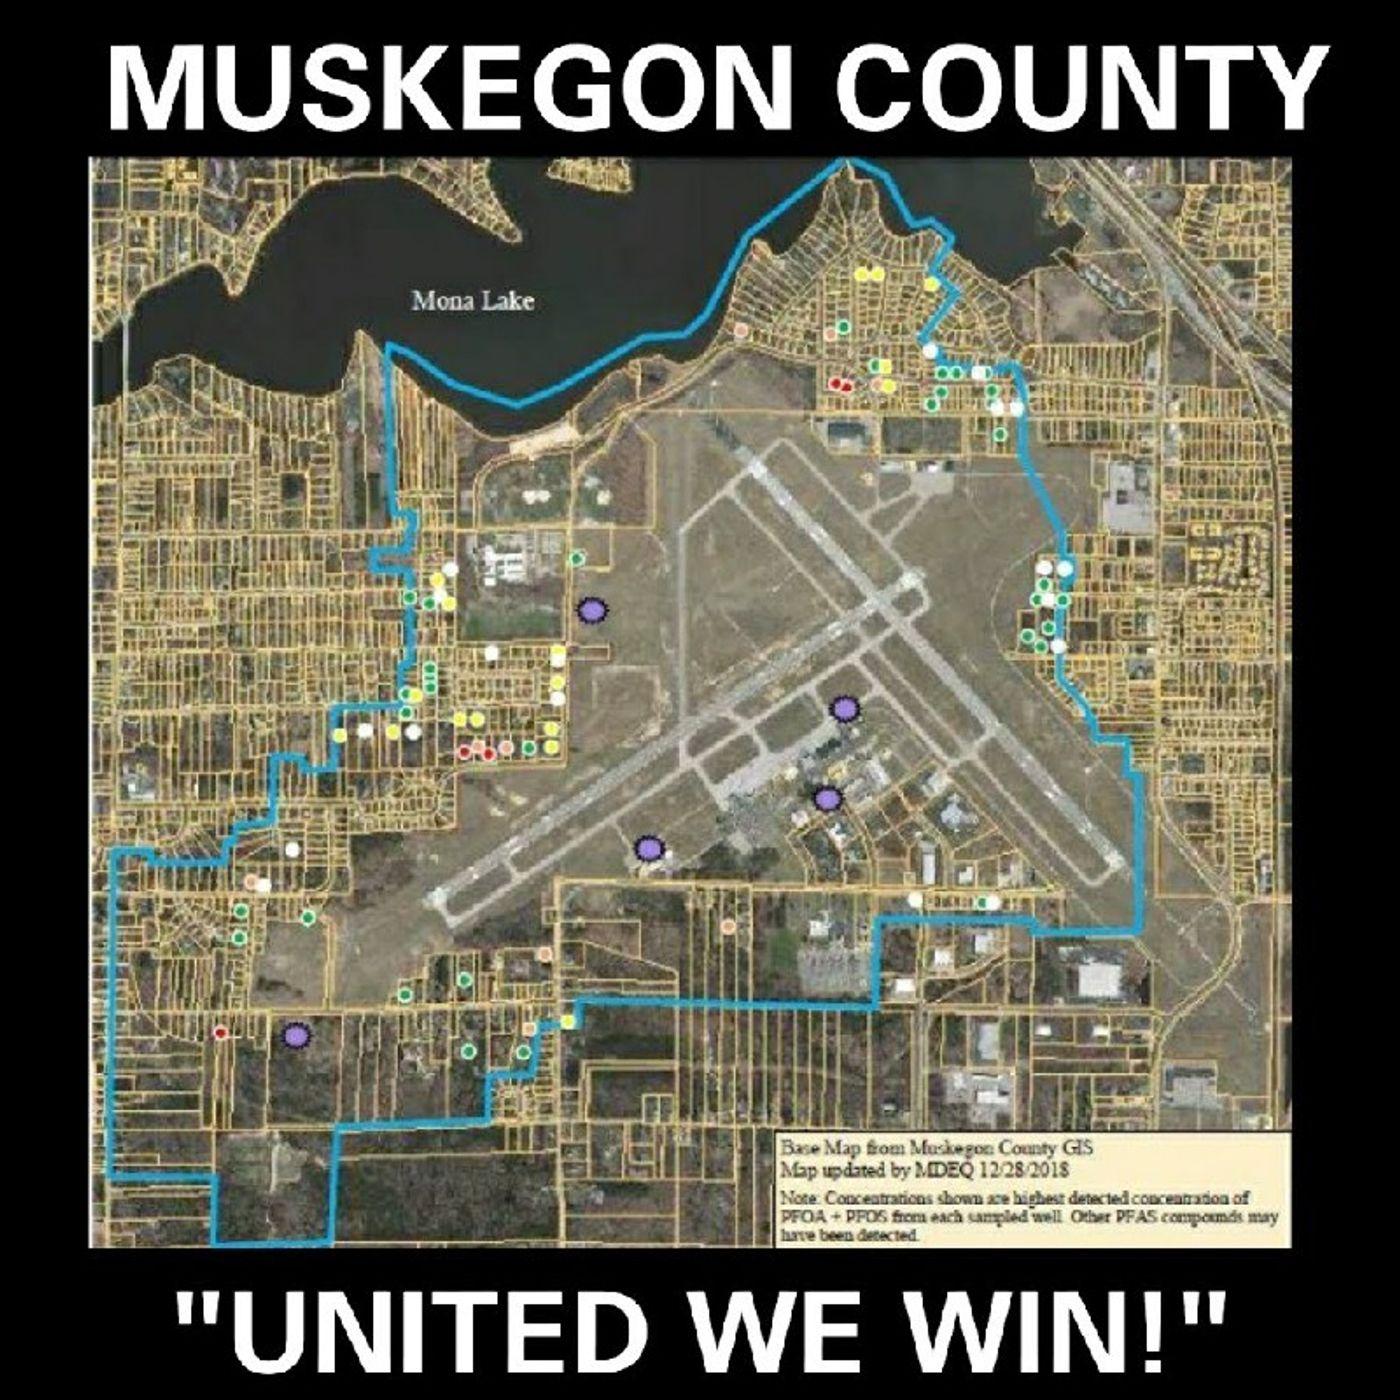 MUSKEGON COUNTY!